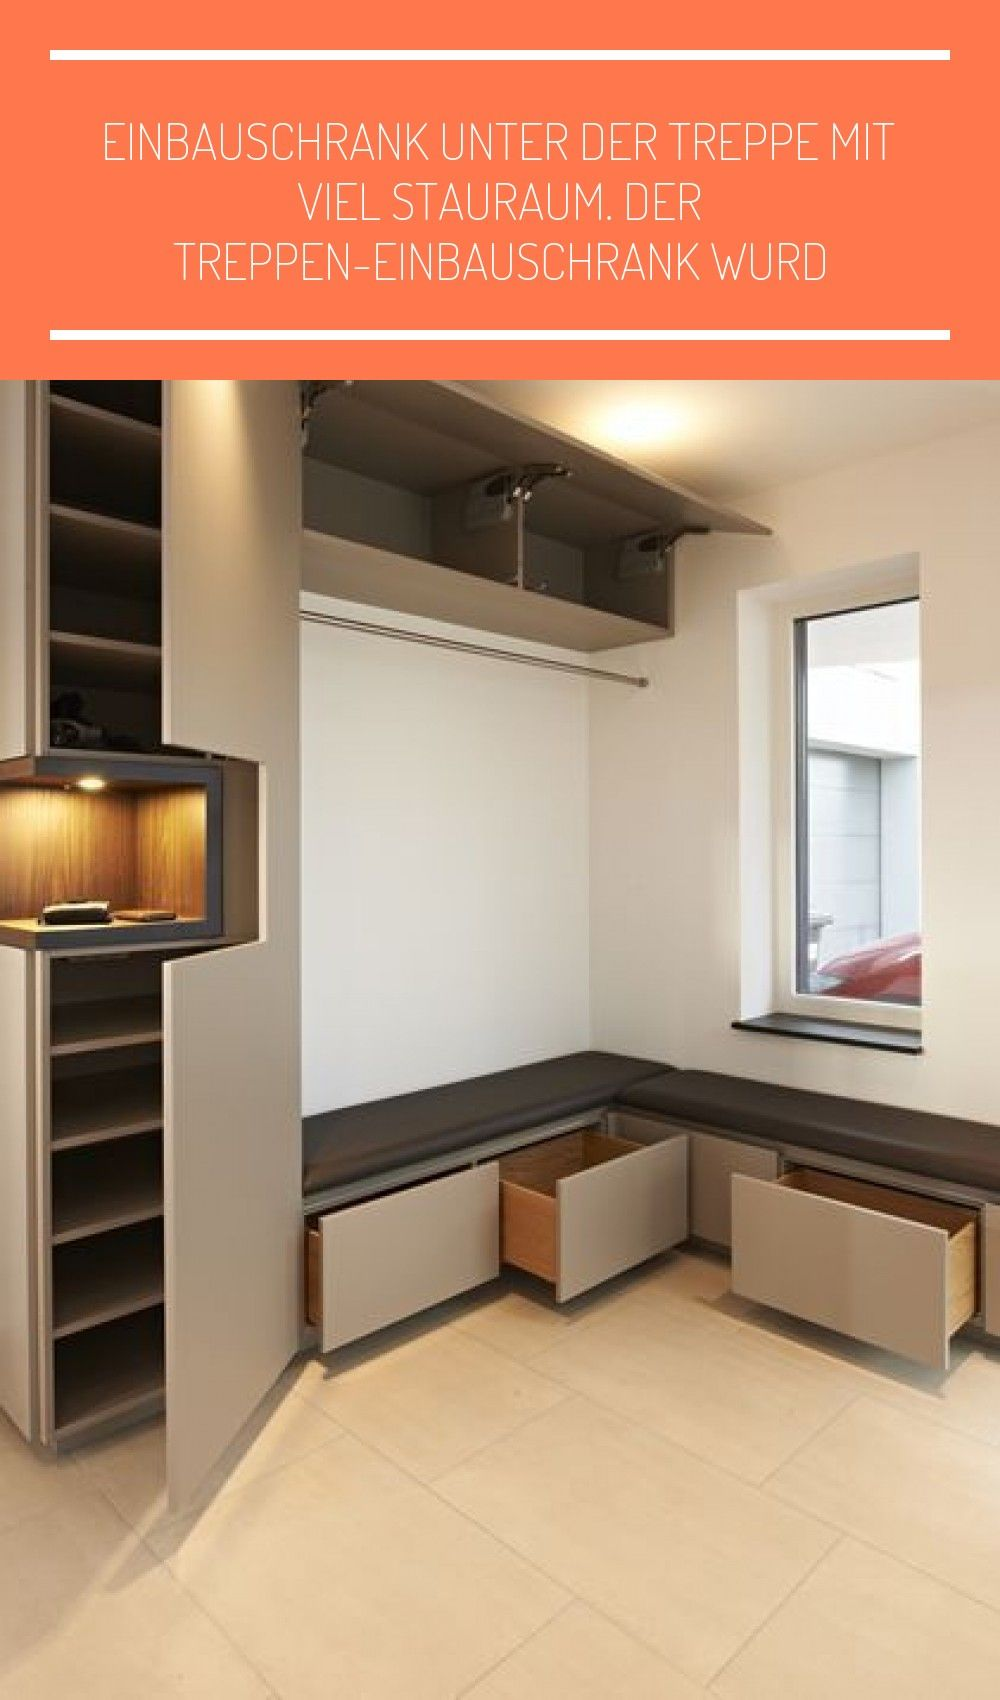 Room Design Ideas Pictures L Homify Kleiderschrank Fur Dachschrage Begehbarer Kleiderschrank Unter Schrage Begehbarer Kleiderschrank Dachschrage